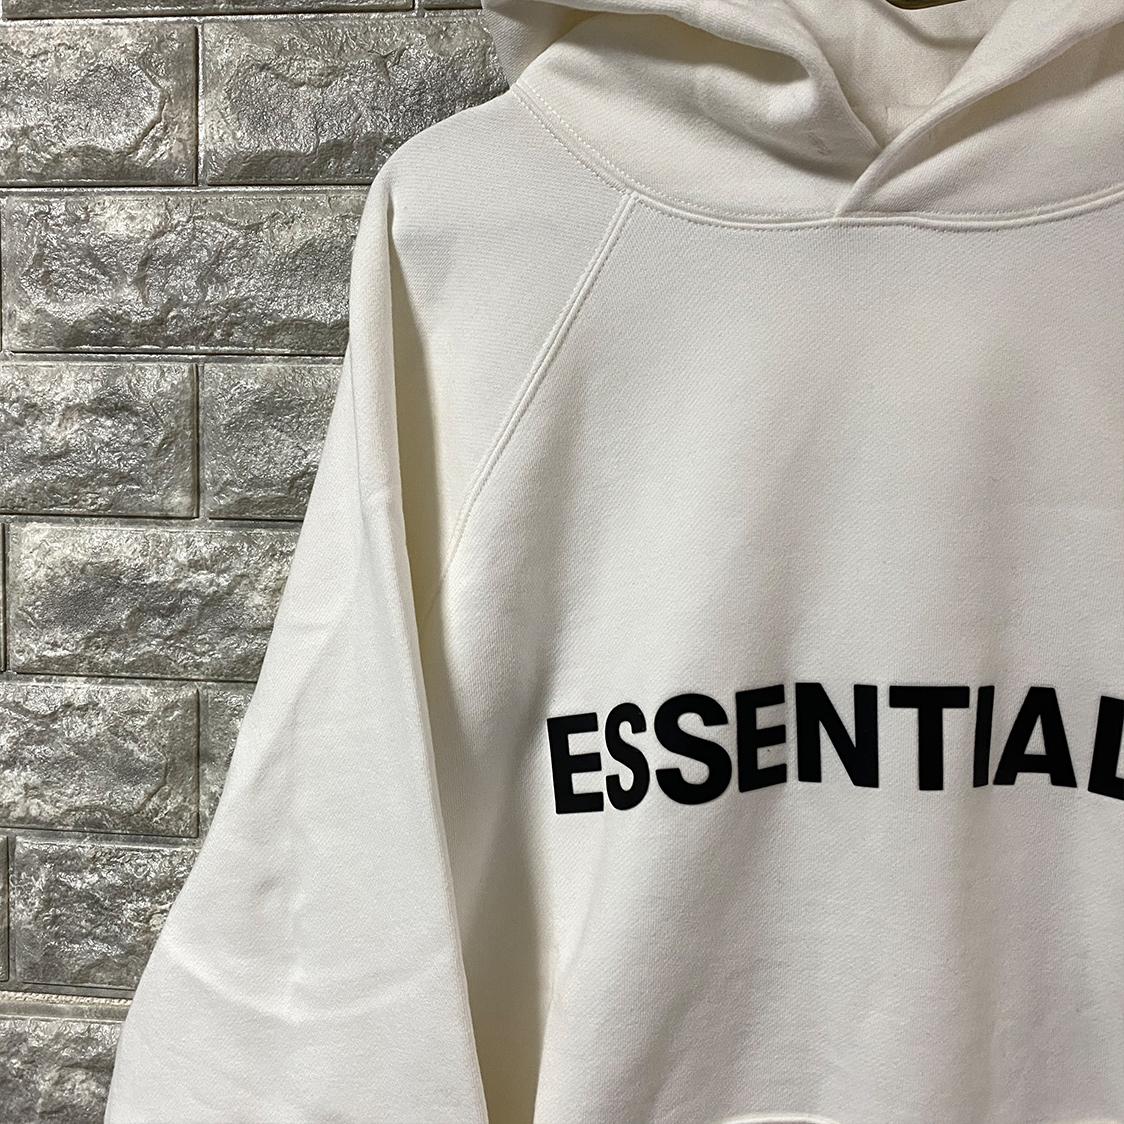 新品 FOG Fear Of God Essentials フェアオブゴッド エッセンシャルズ 【Sサイズ】 LOGO パーカー フーディ エッセンシャル ホワイト WHITE フォグ【ジェリーロレンゾ着】